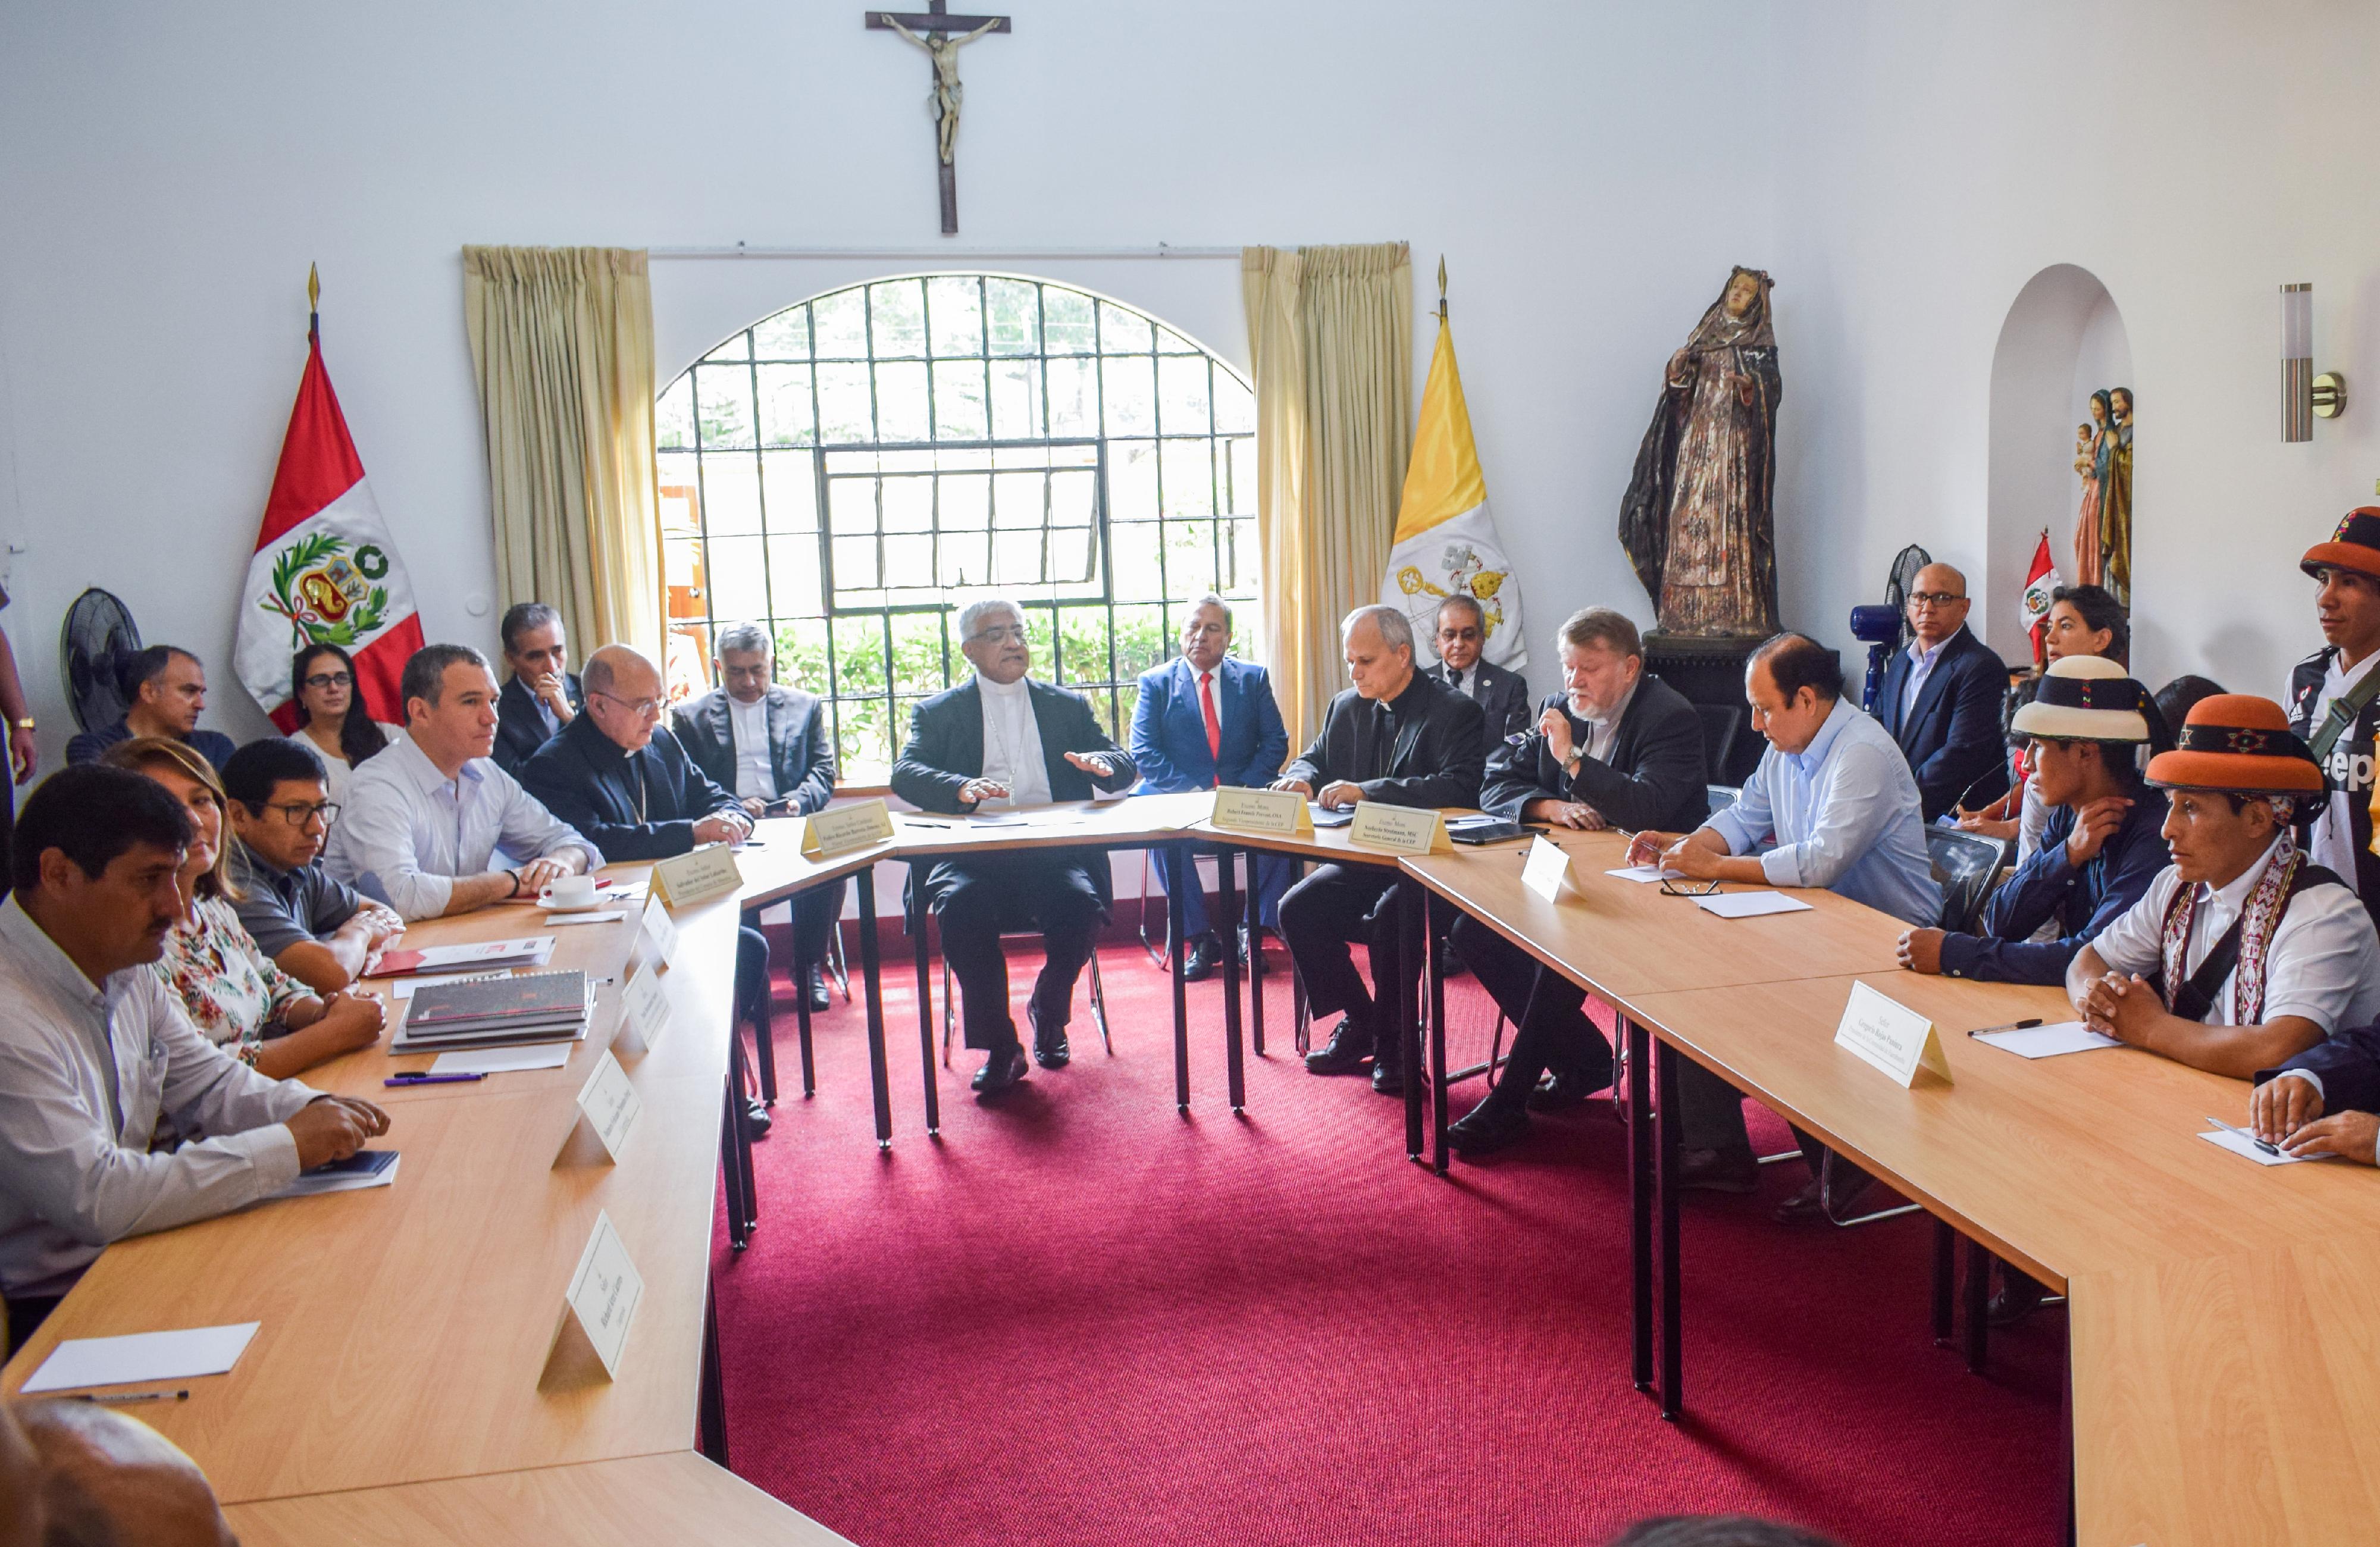 Reunión con los comuneros de Fuerabamba, Perú © Conferencia Episcopal Peruana